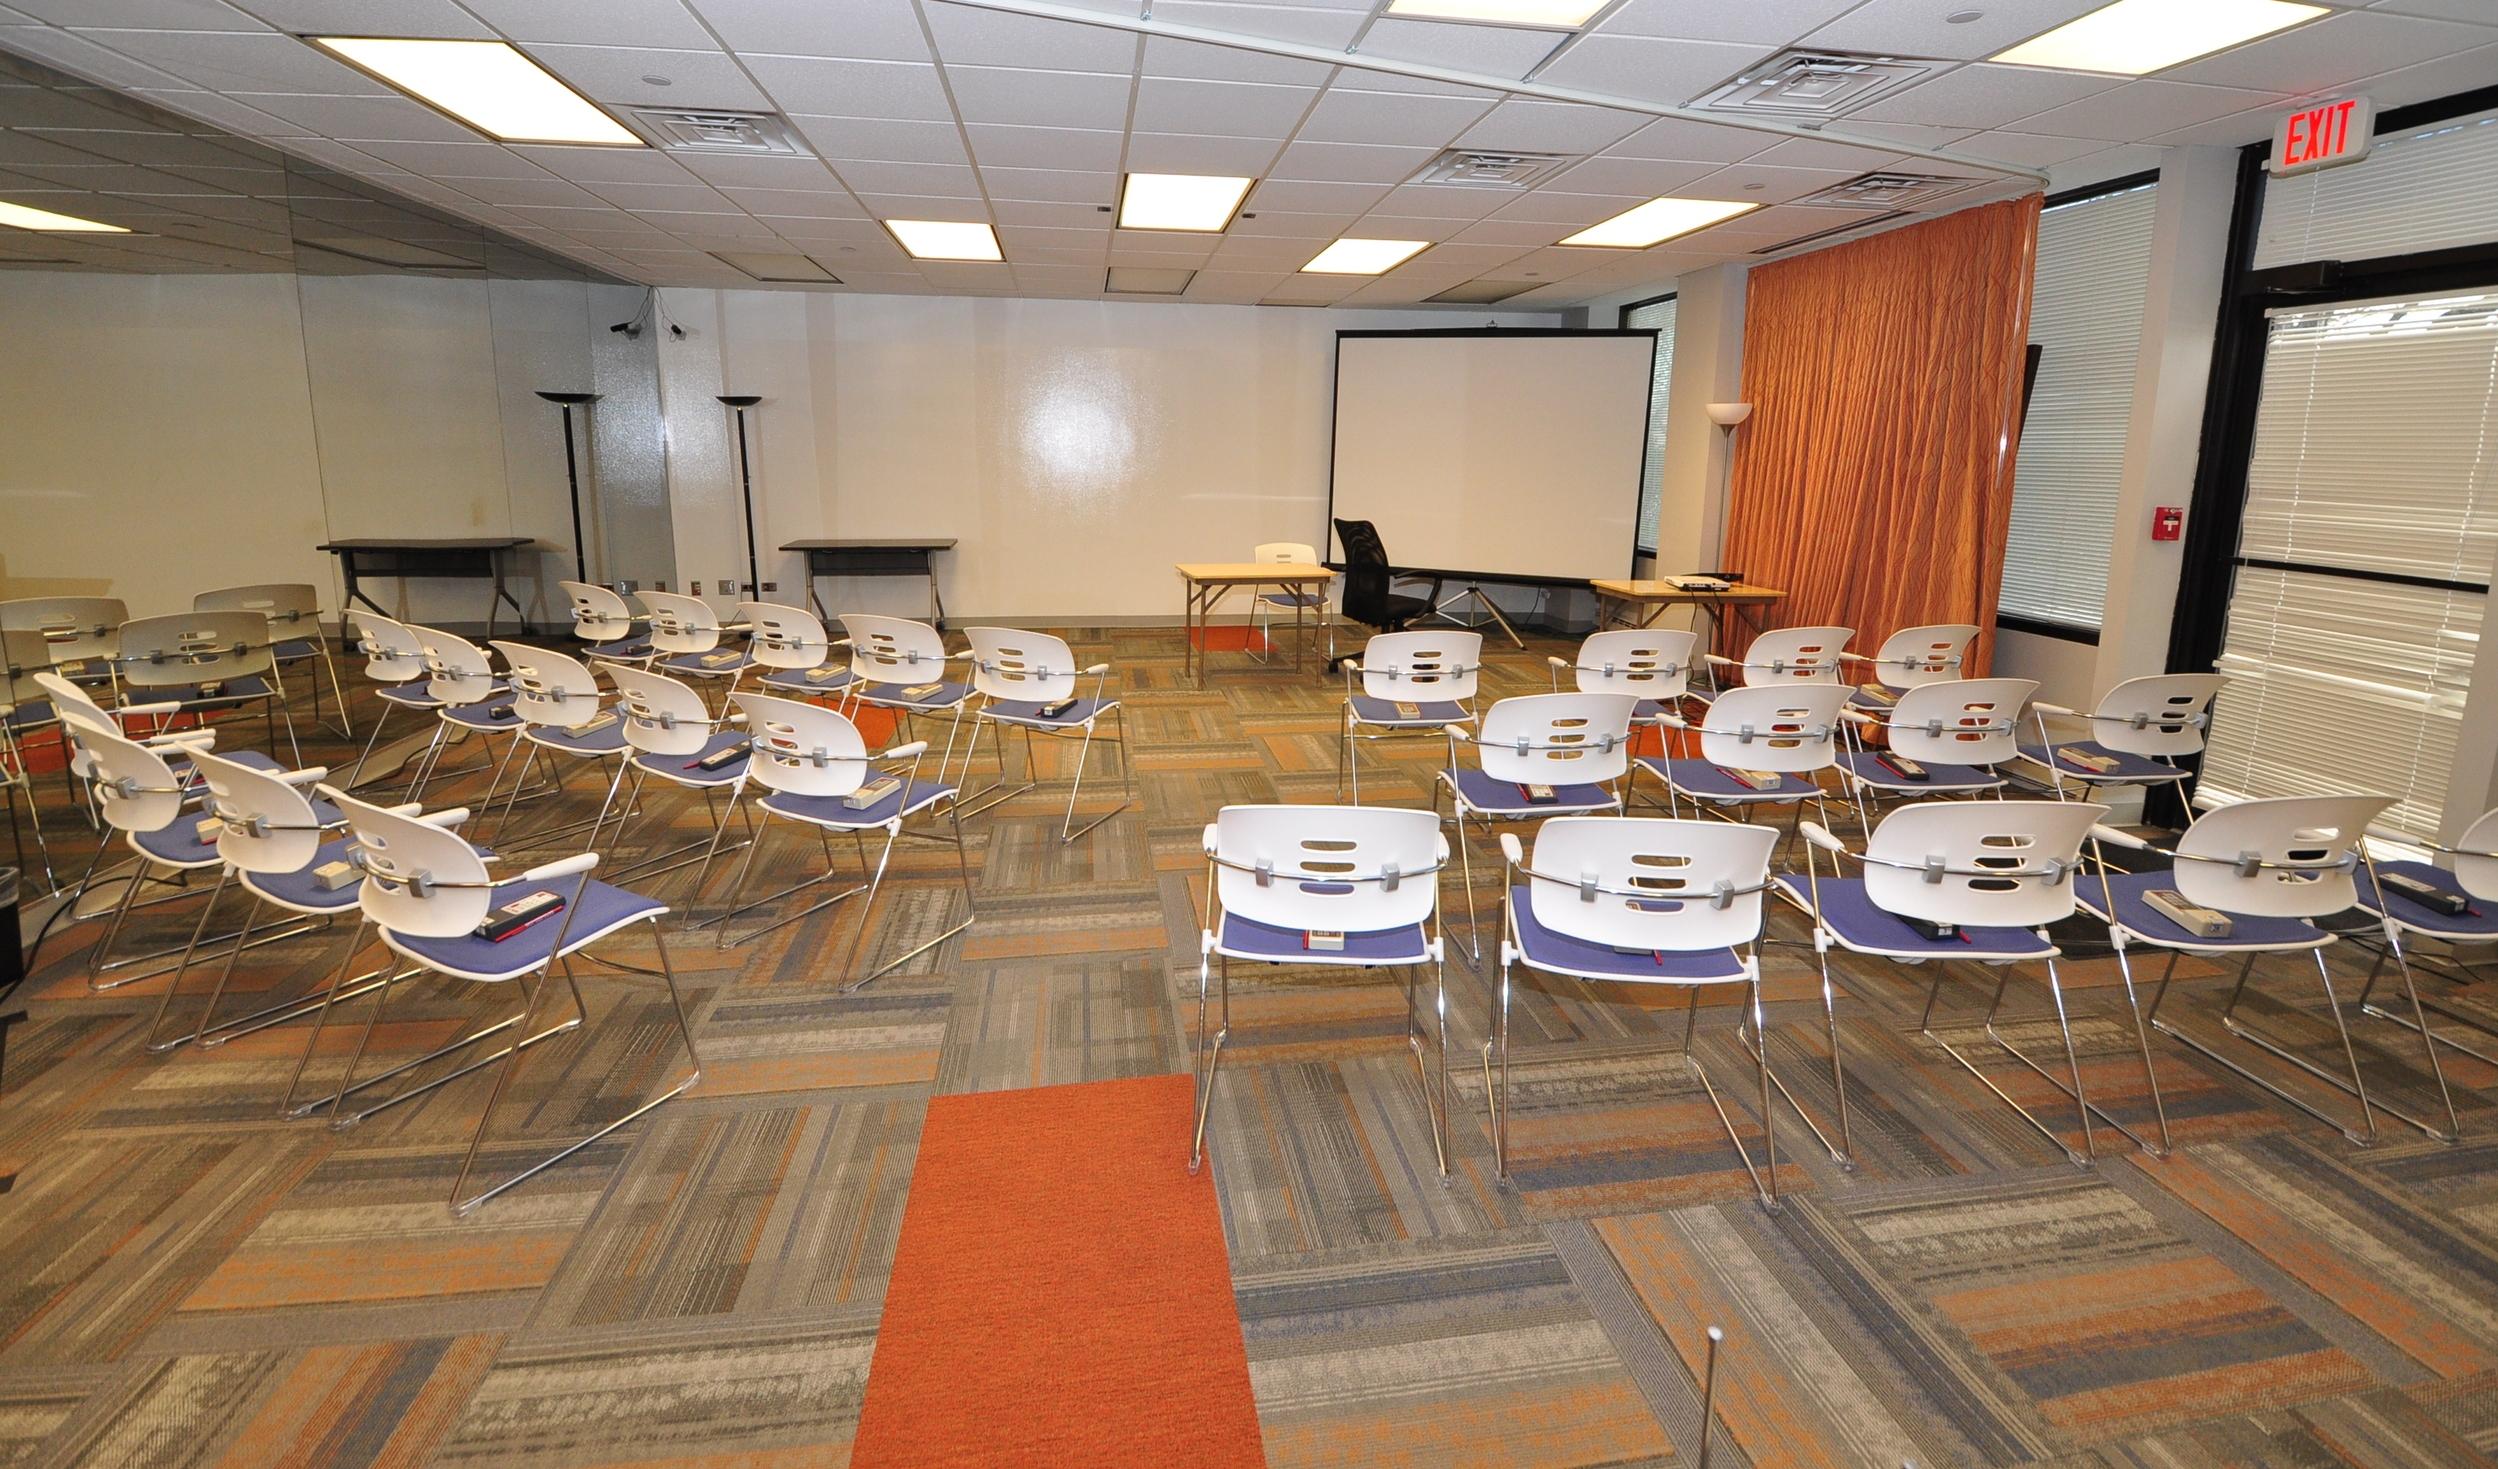 Audience Single Room Seats 30-35